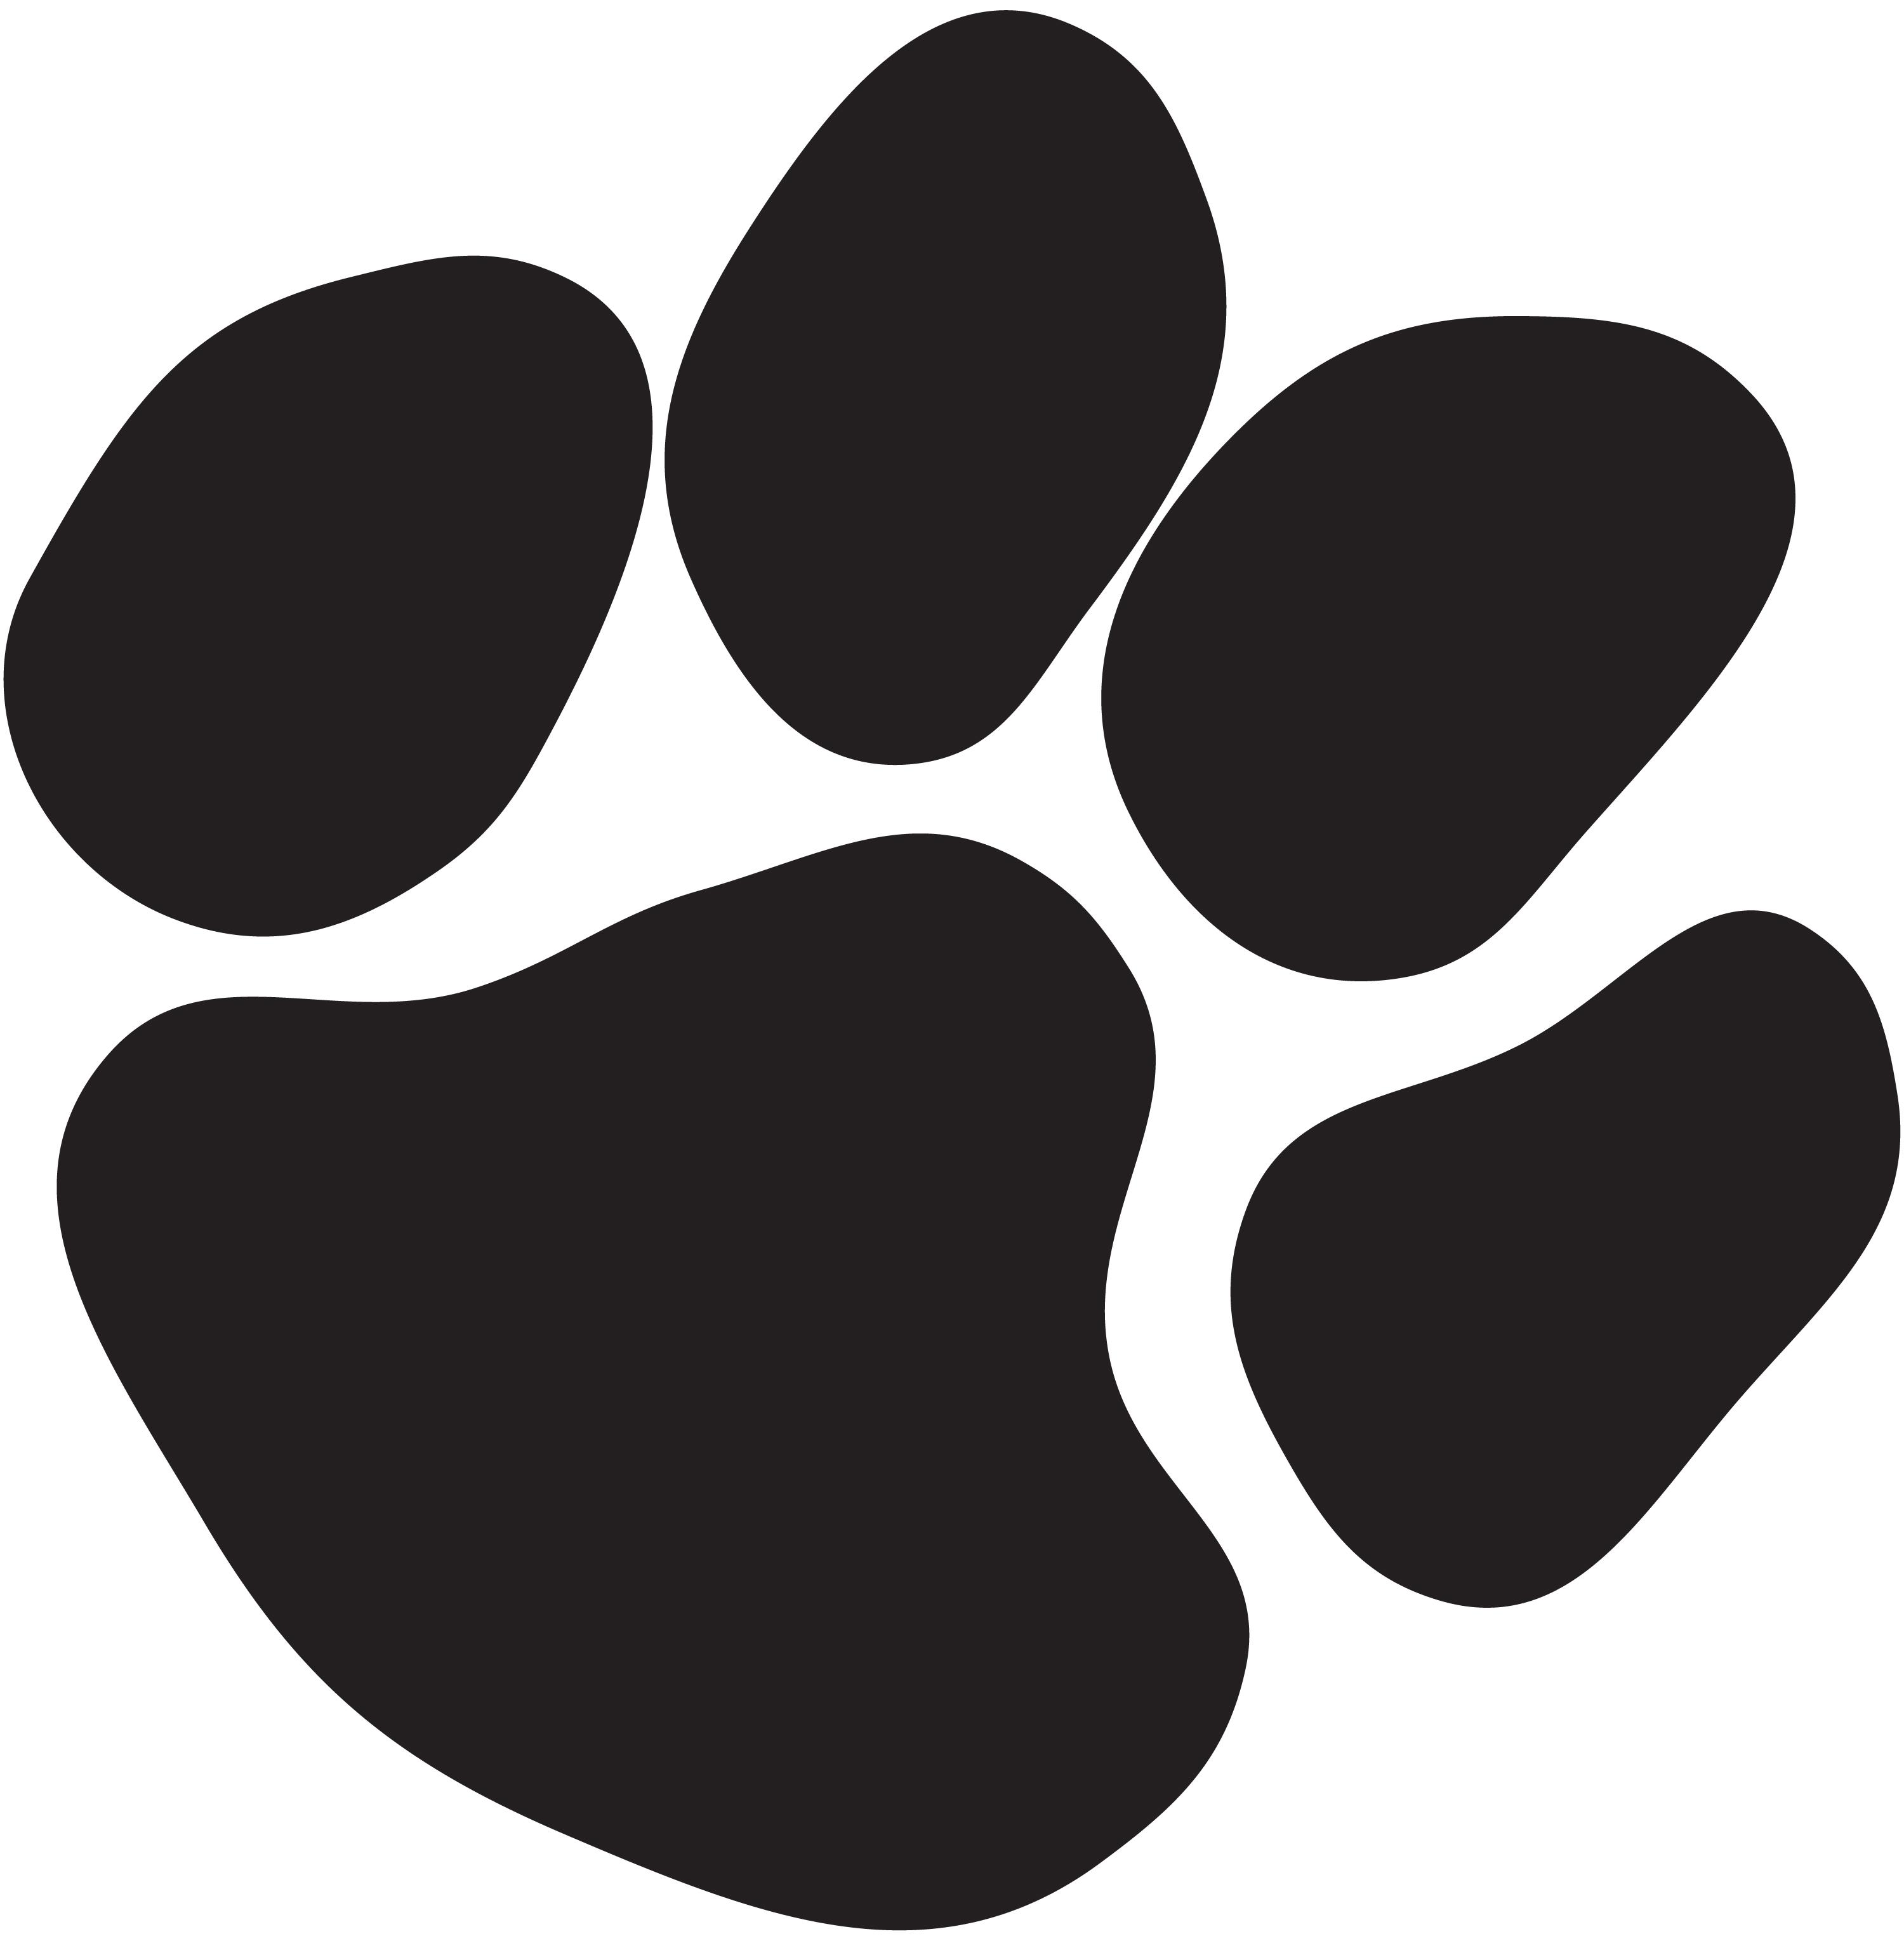 Black Paw Print Logo